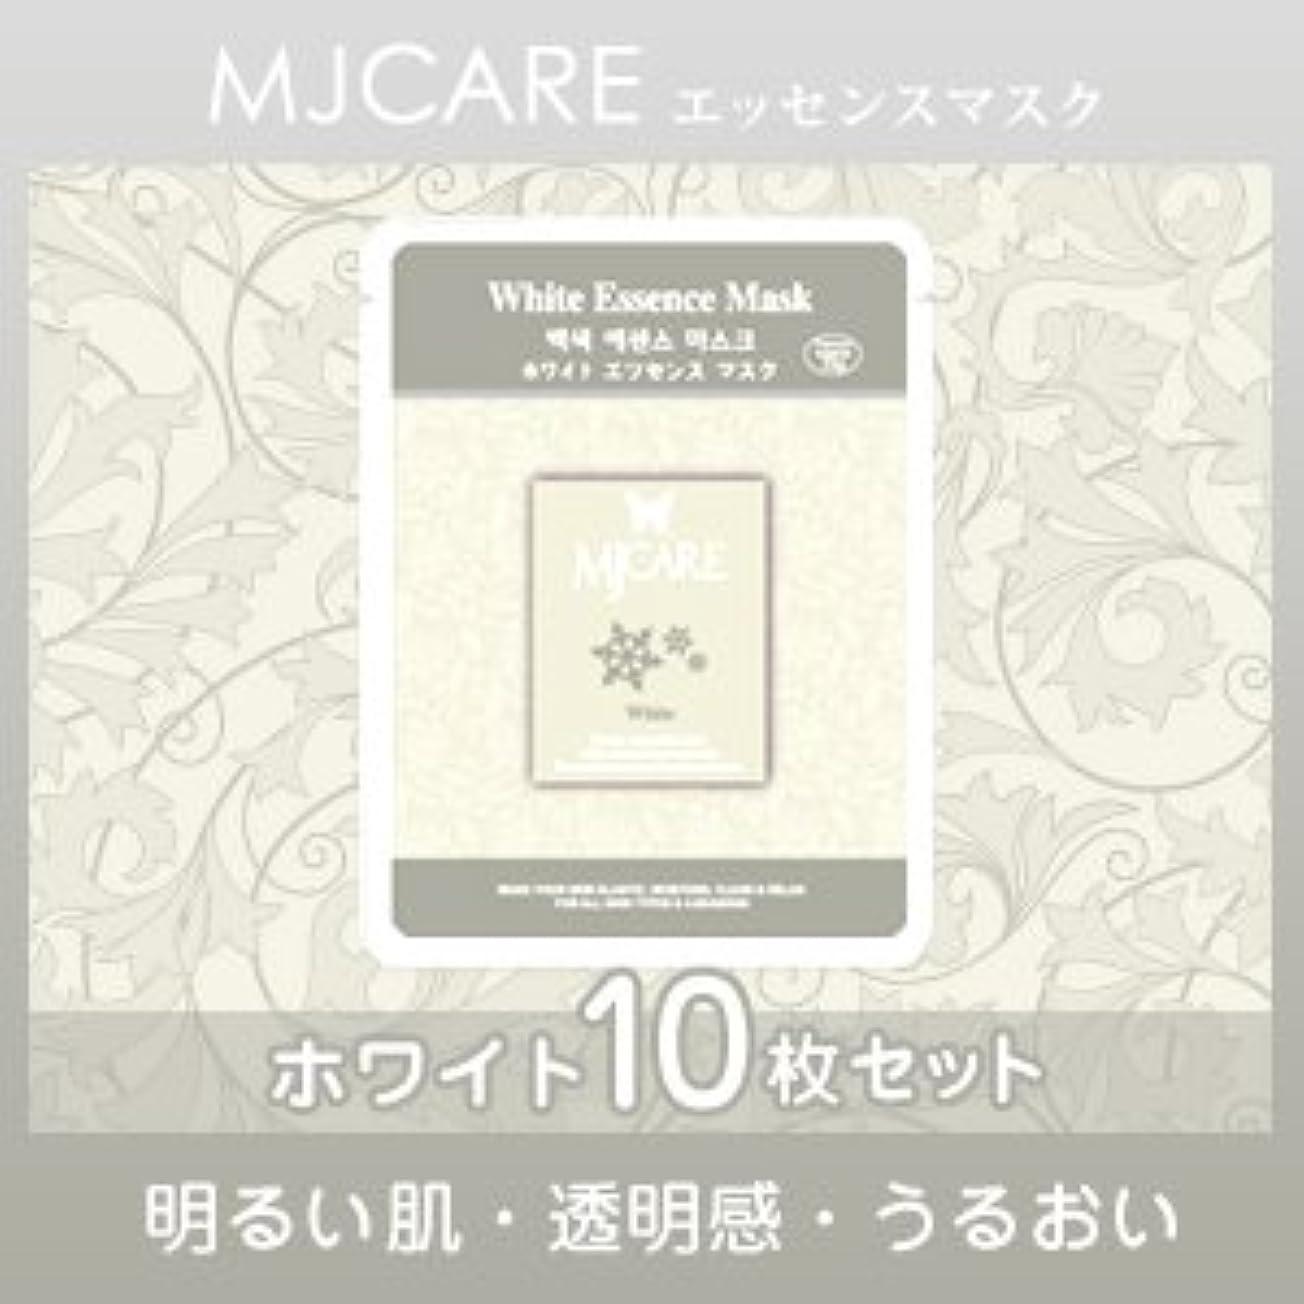 意気込み対応する見物人MJCARE (エムジェイケア) ホワイト エッセンスマスク 10セット